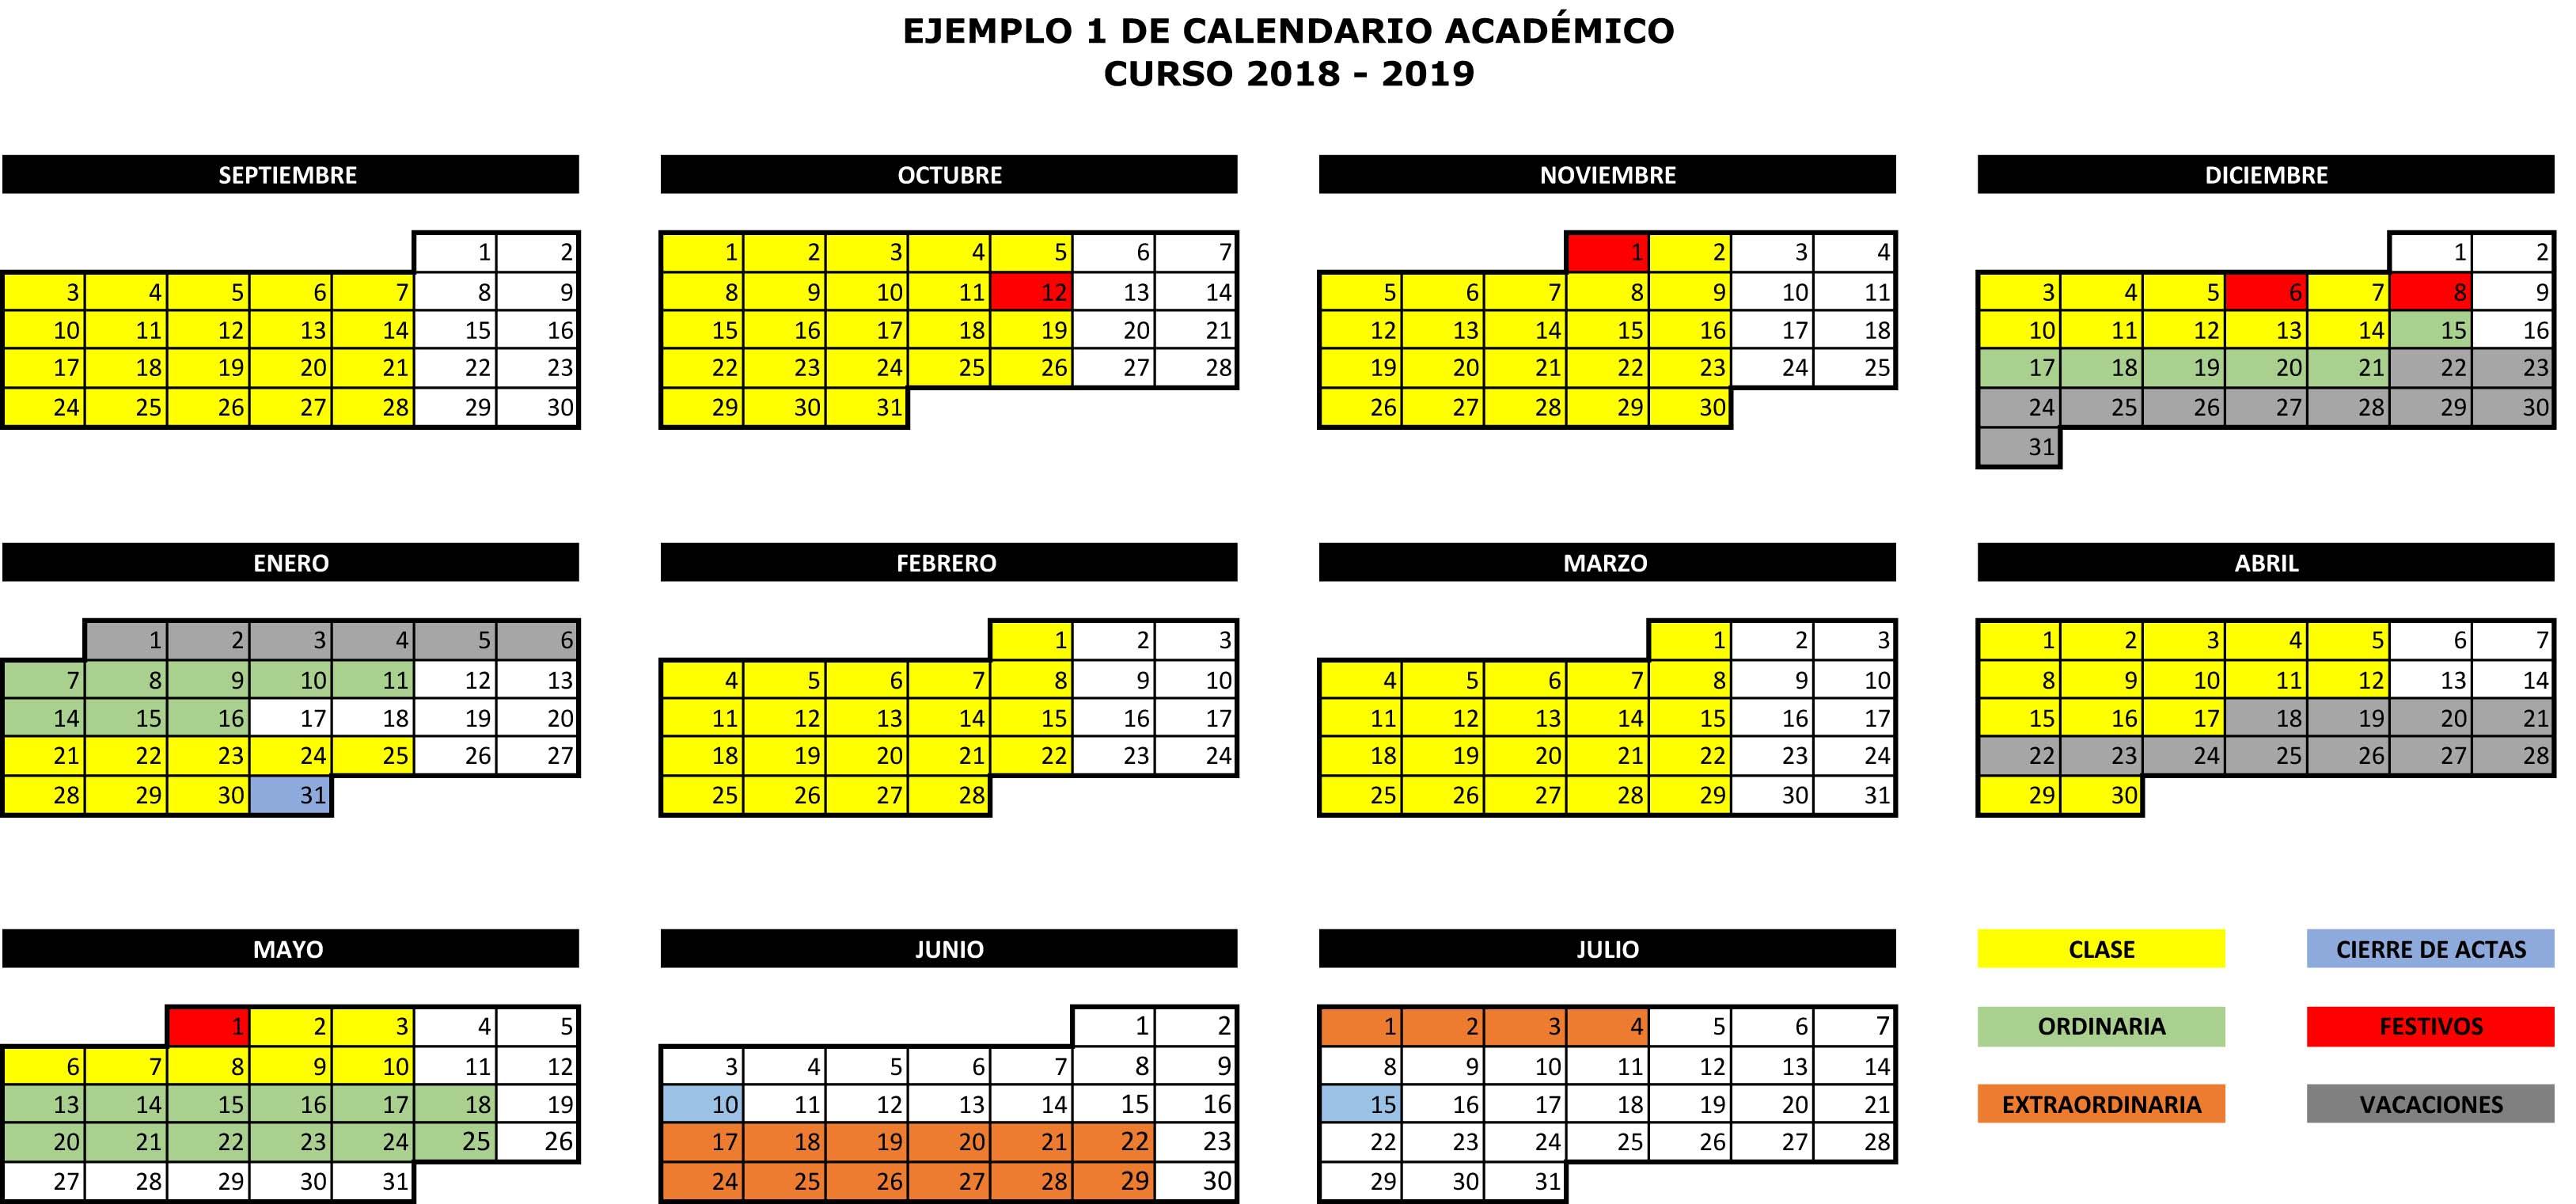 Calendario Examenes Unican Derecho.Calendario Academico Ugr